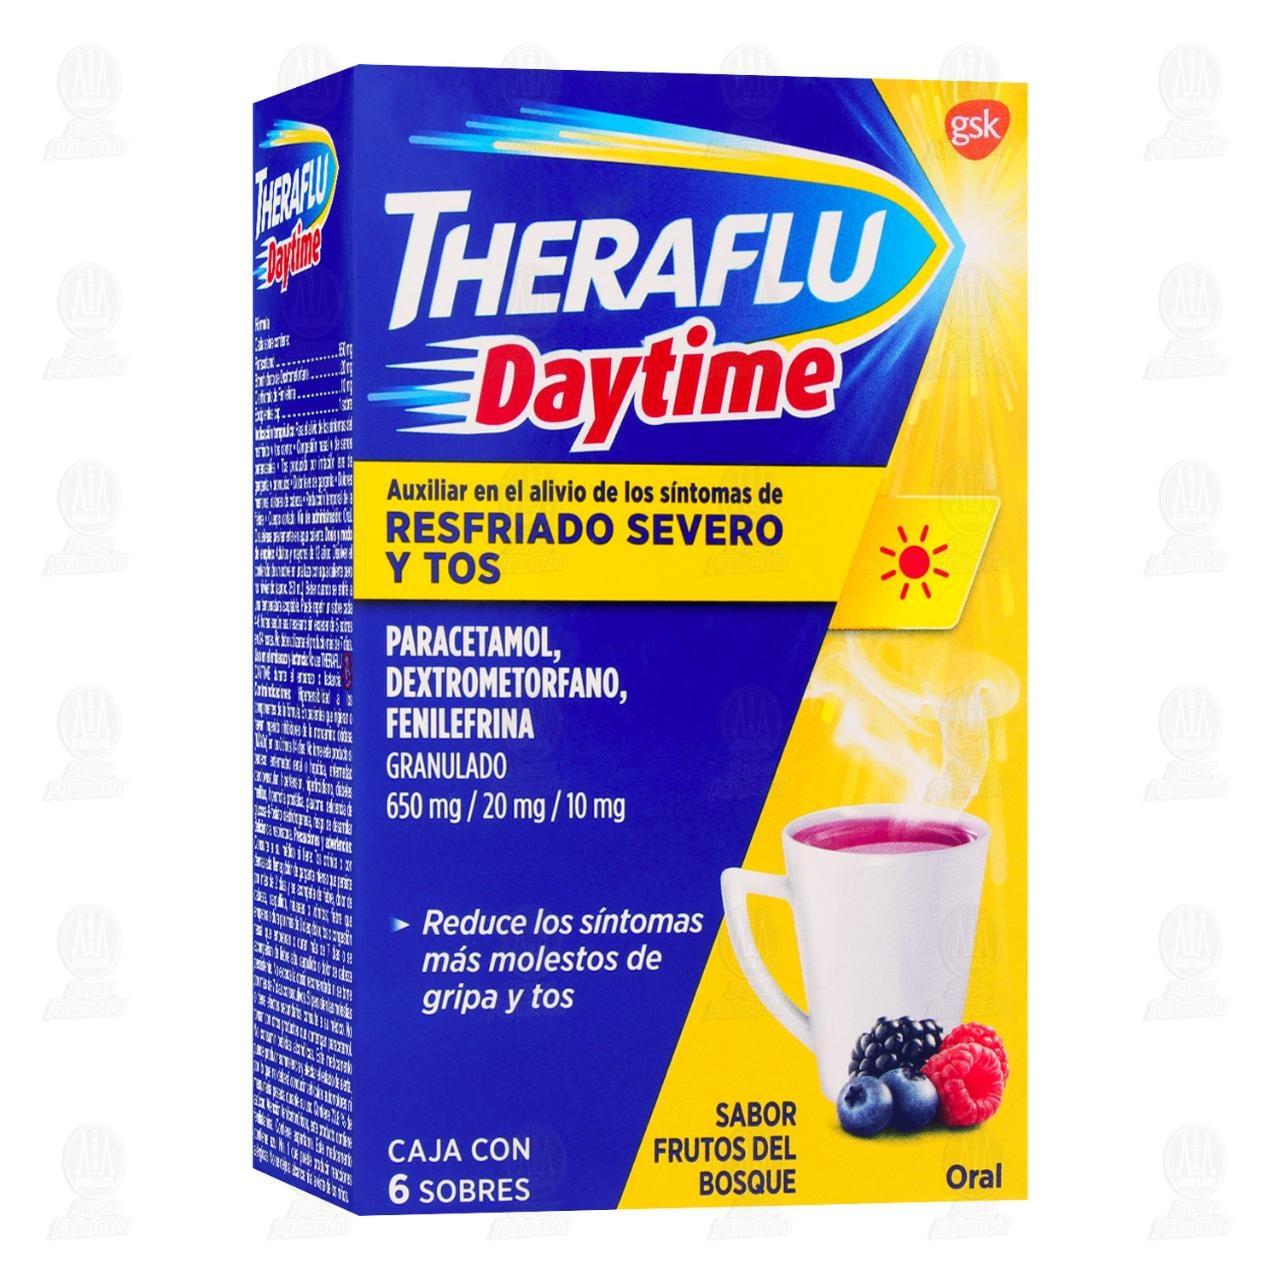 comprar https://www.movil.farmaciasguadalajara.com/wcsstore/FGCAS/wcs/products/1305700_A_1280_AL.jpg en farmacias guadalajara